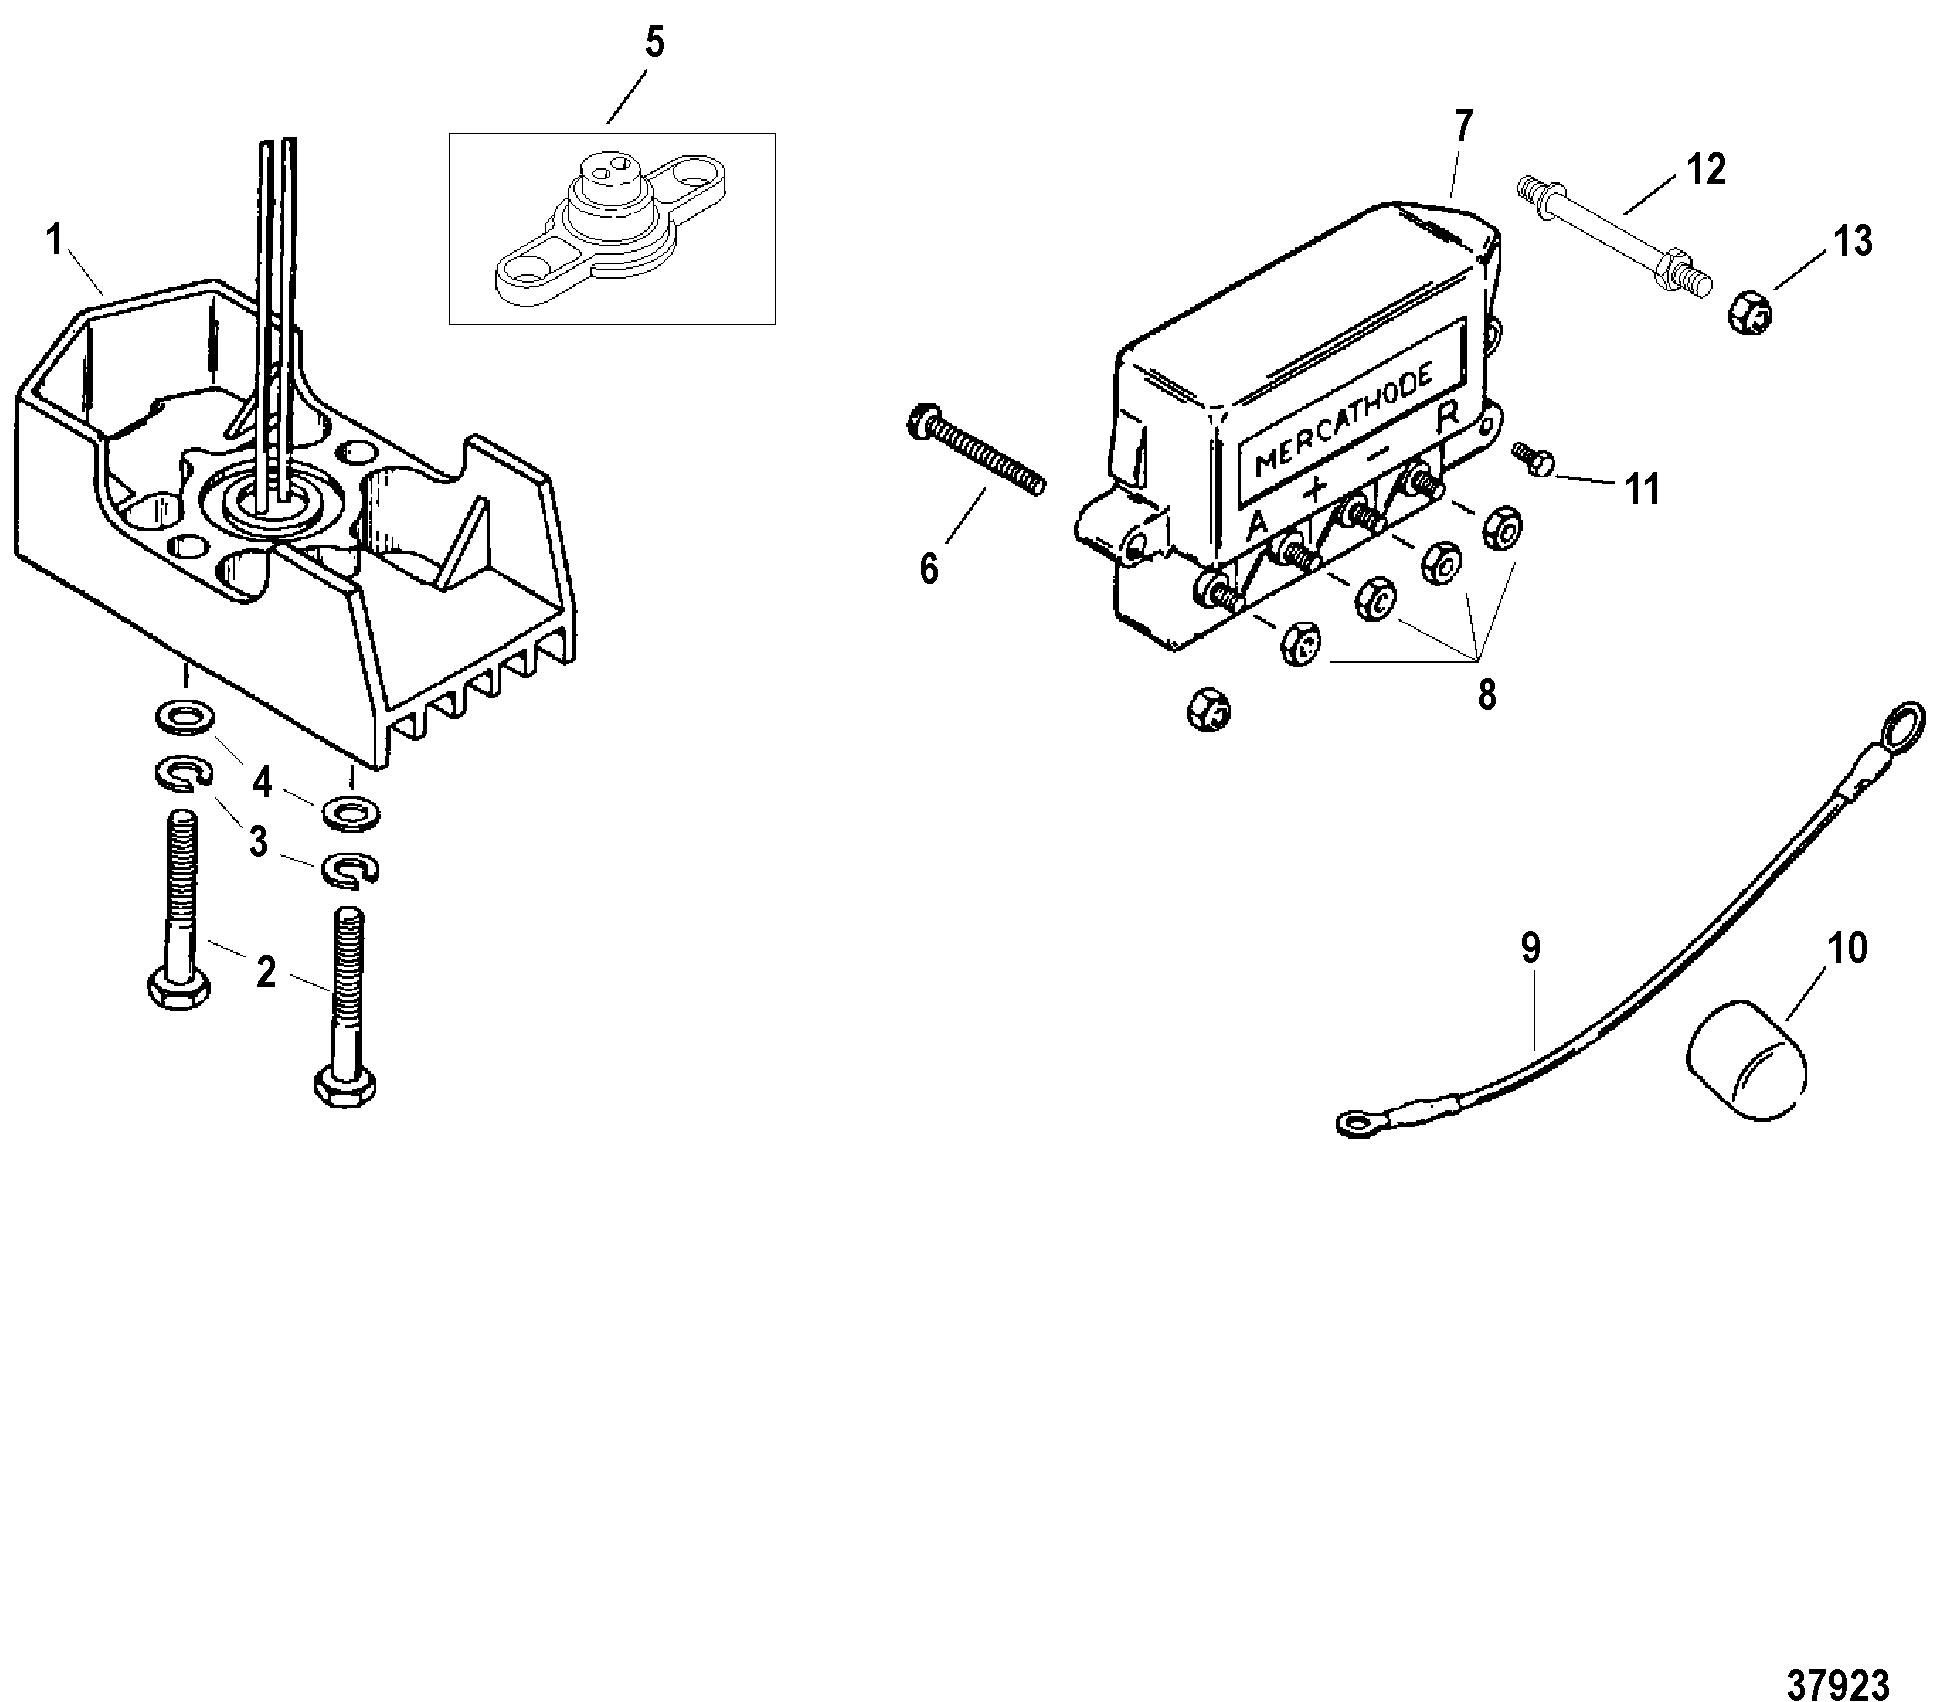 MERCATHODE COMPONENTS FOR MERCRUISER 7.4L BRAVO I, II, III